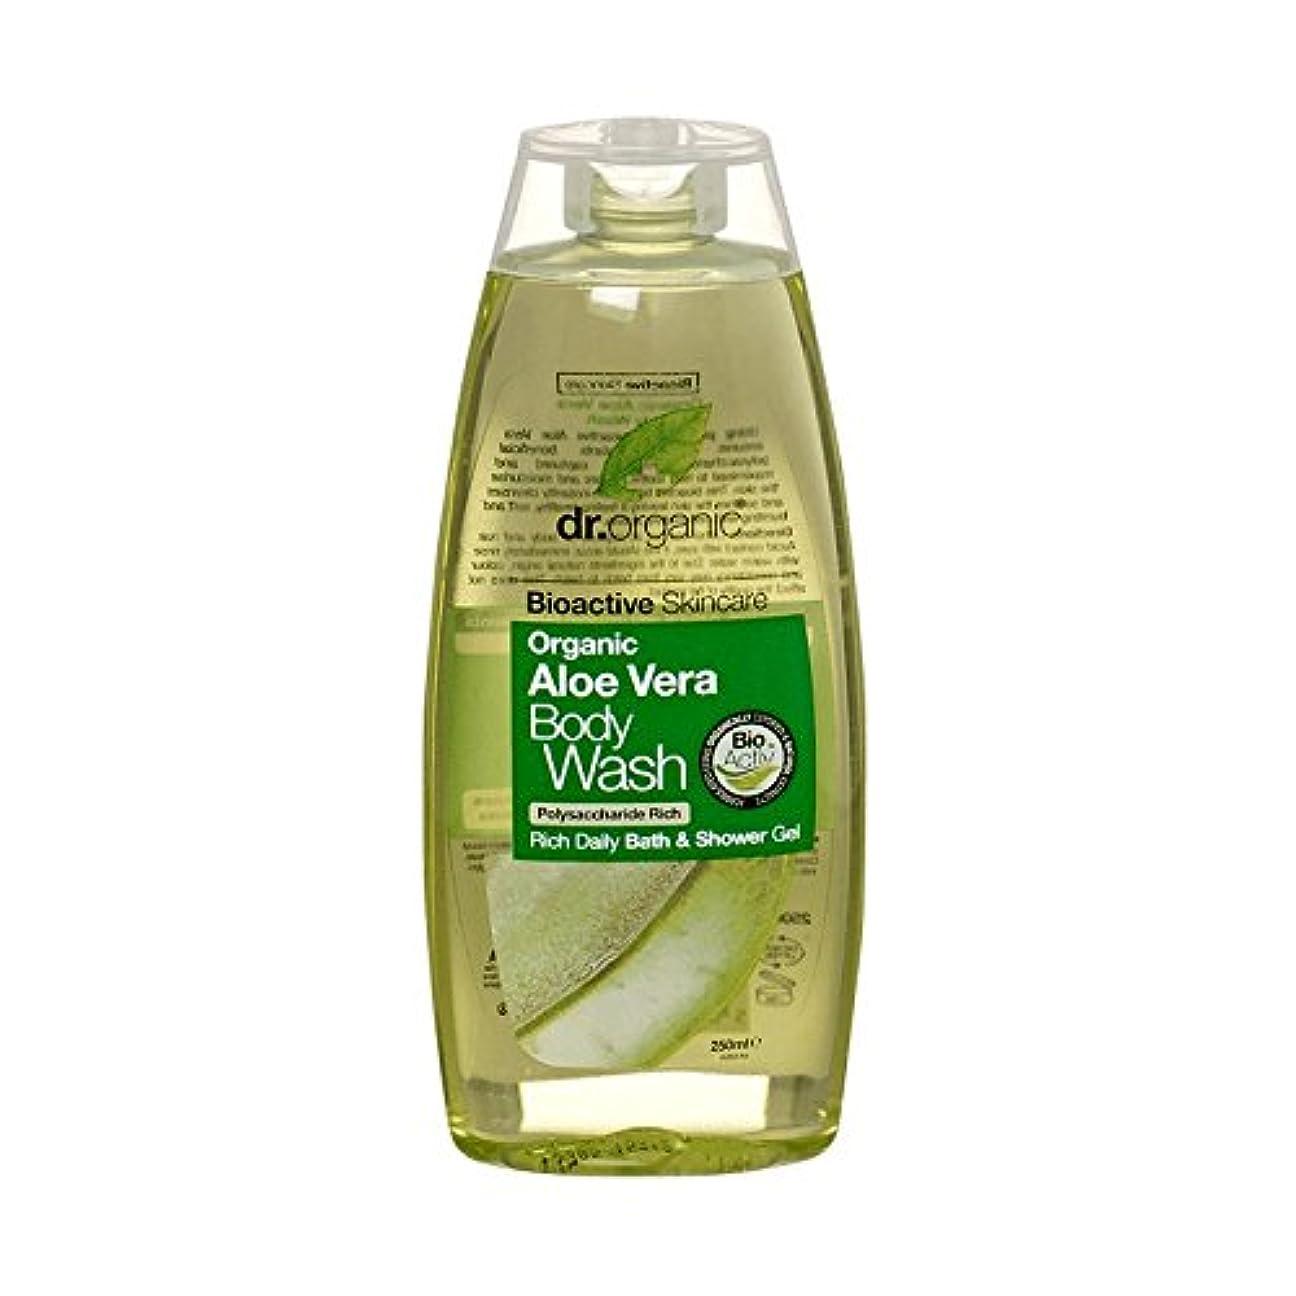 変成器モッキンバード抜粋Dr有機アロエベラボディウォッシュ - Dr Organic Aloe Vera Body Wash (Dr Organic) [並行輸入品]